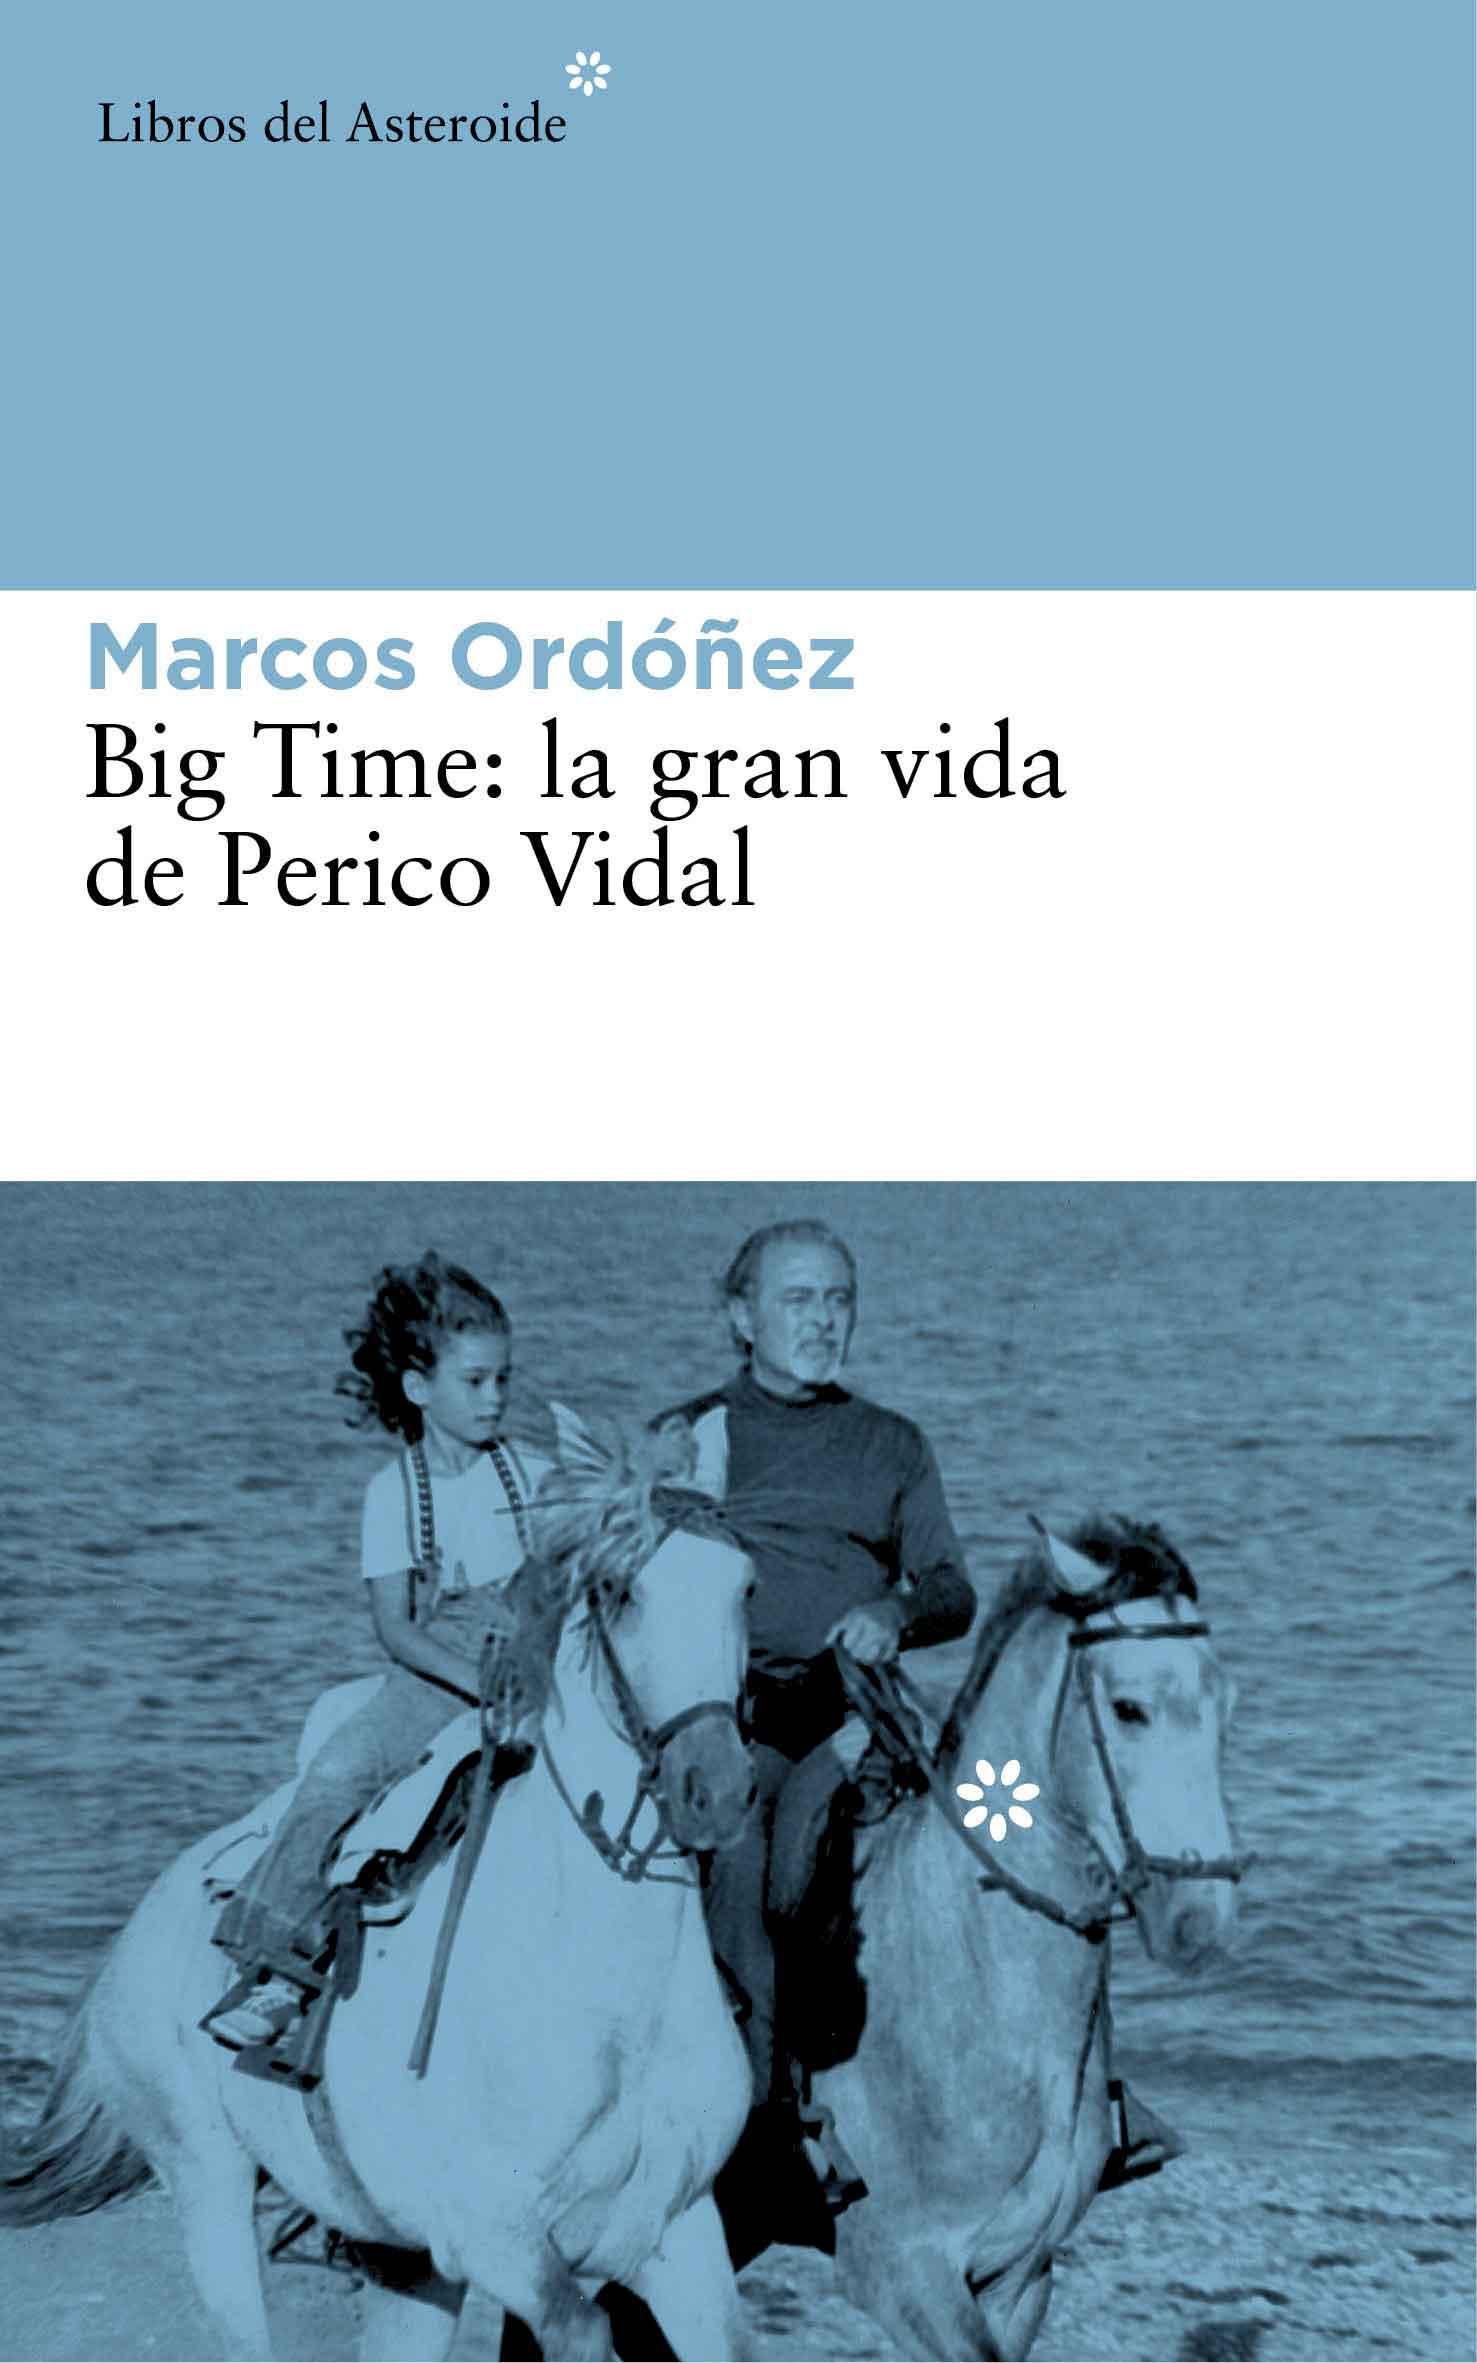 Marcos Ordóñez, Big Time: la gran vida de Perico Vidal; Barcelona, Libros del Asteroide, 2014.